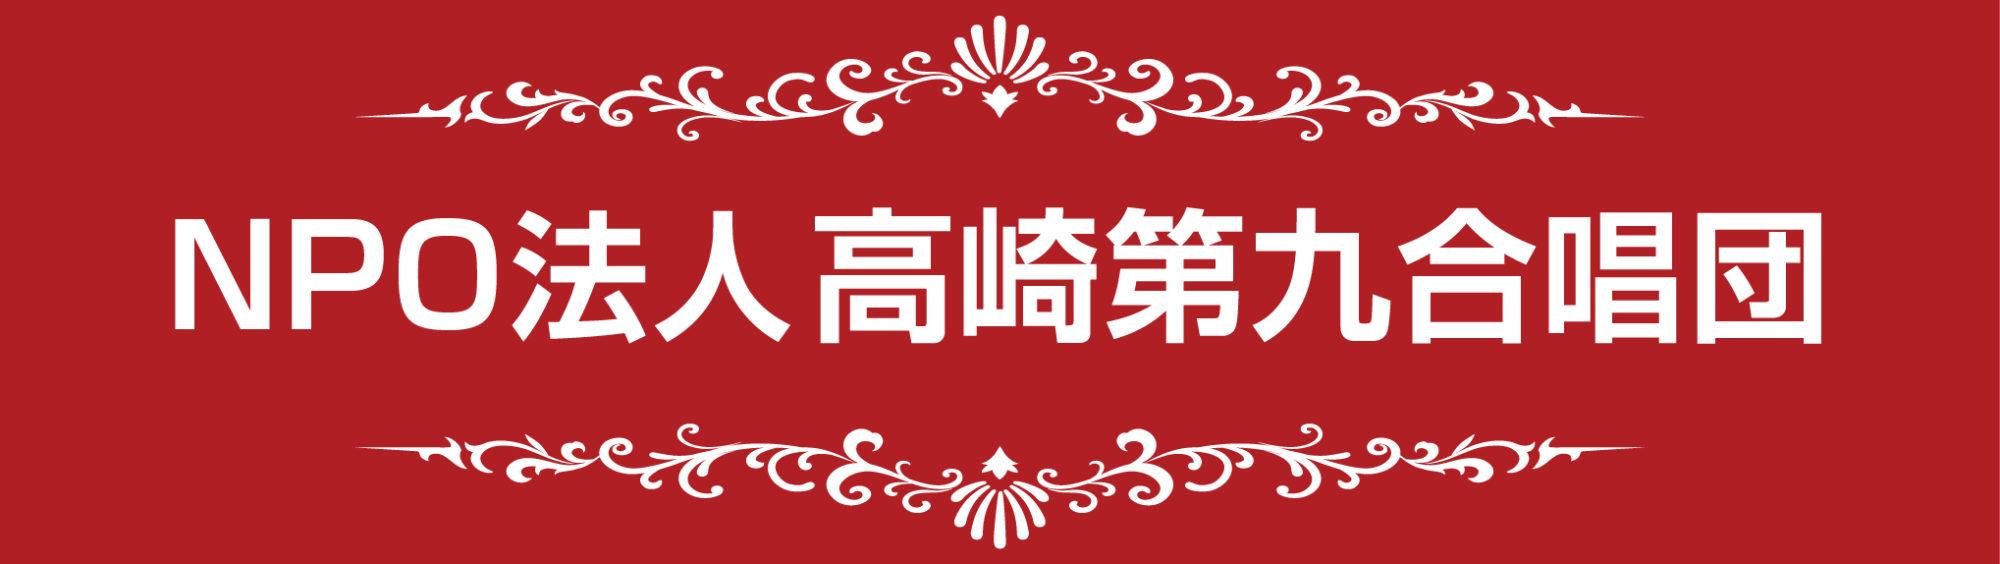 高崎第九合唱団 ホームページ